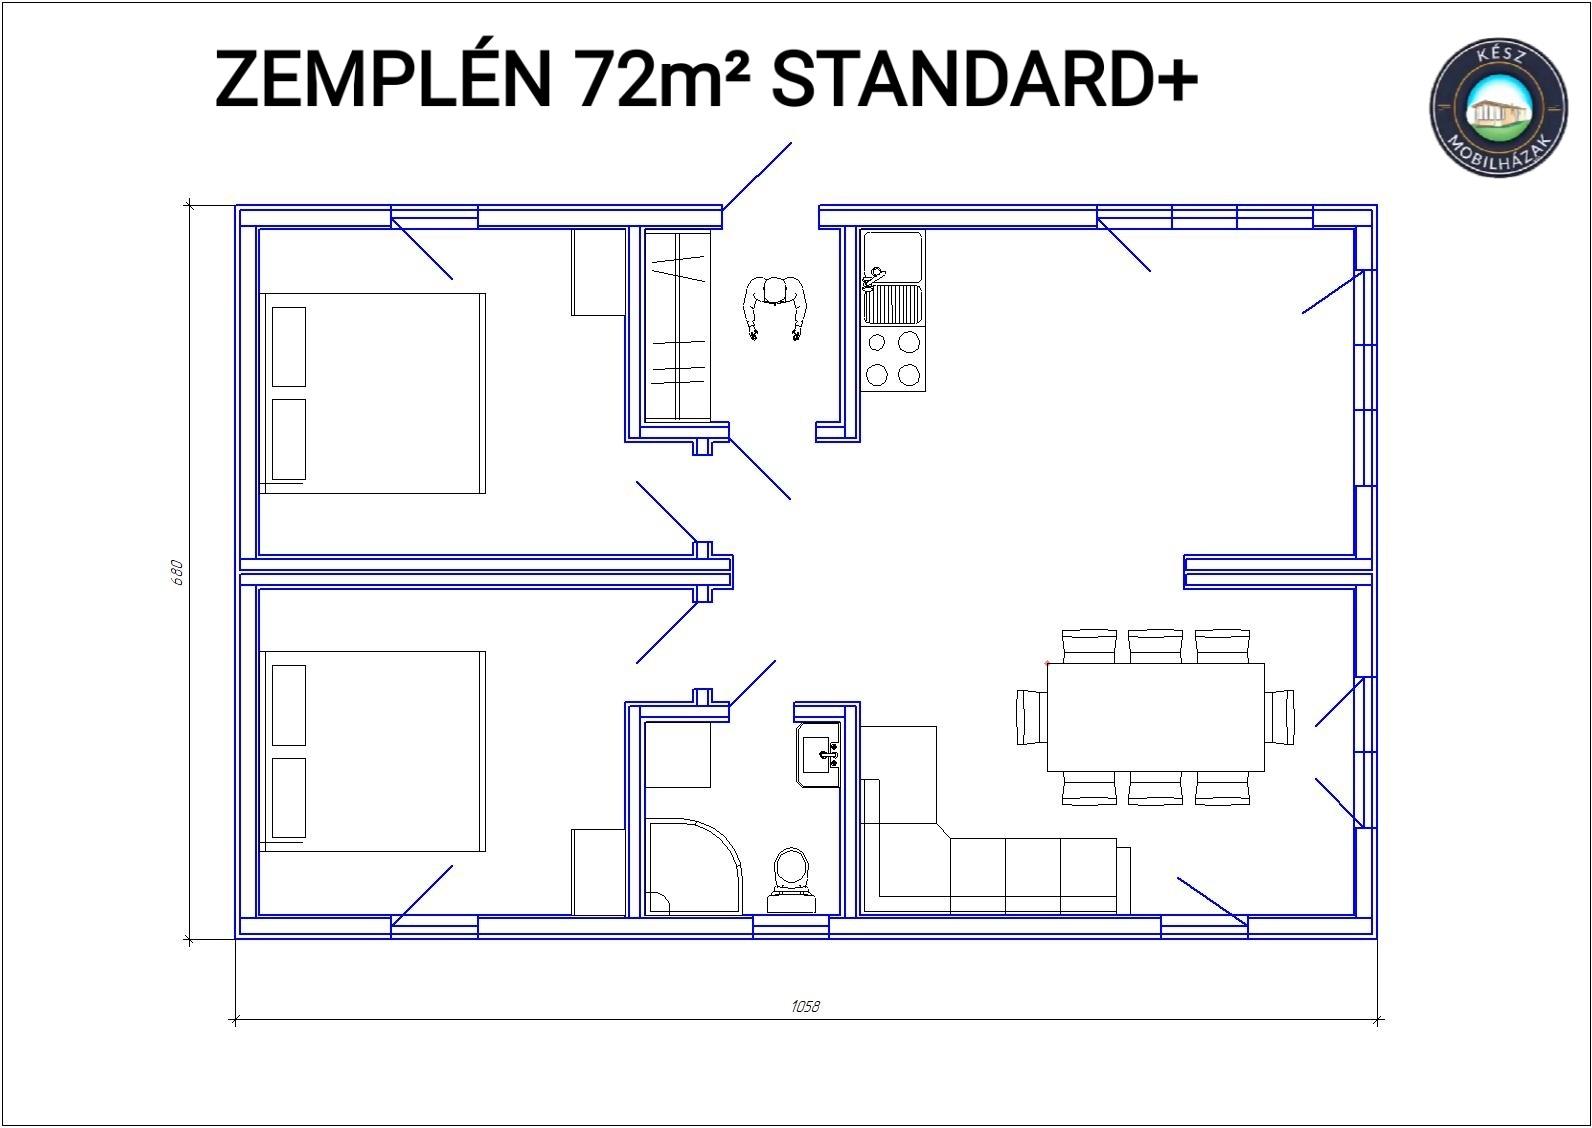 ZEMPLÉN72